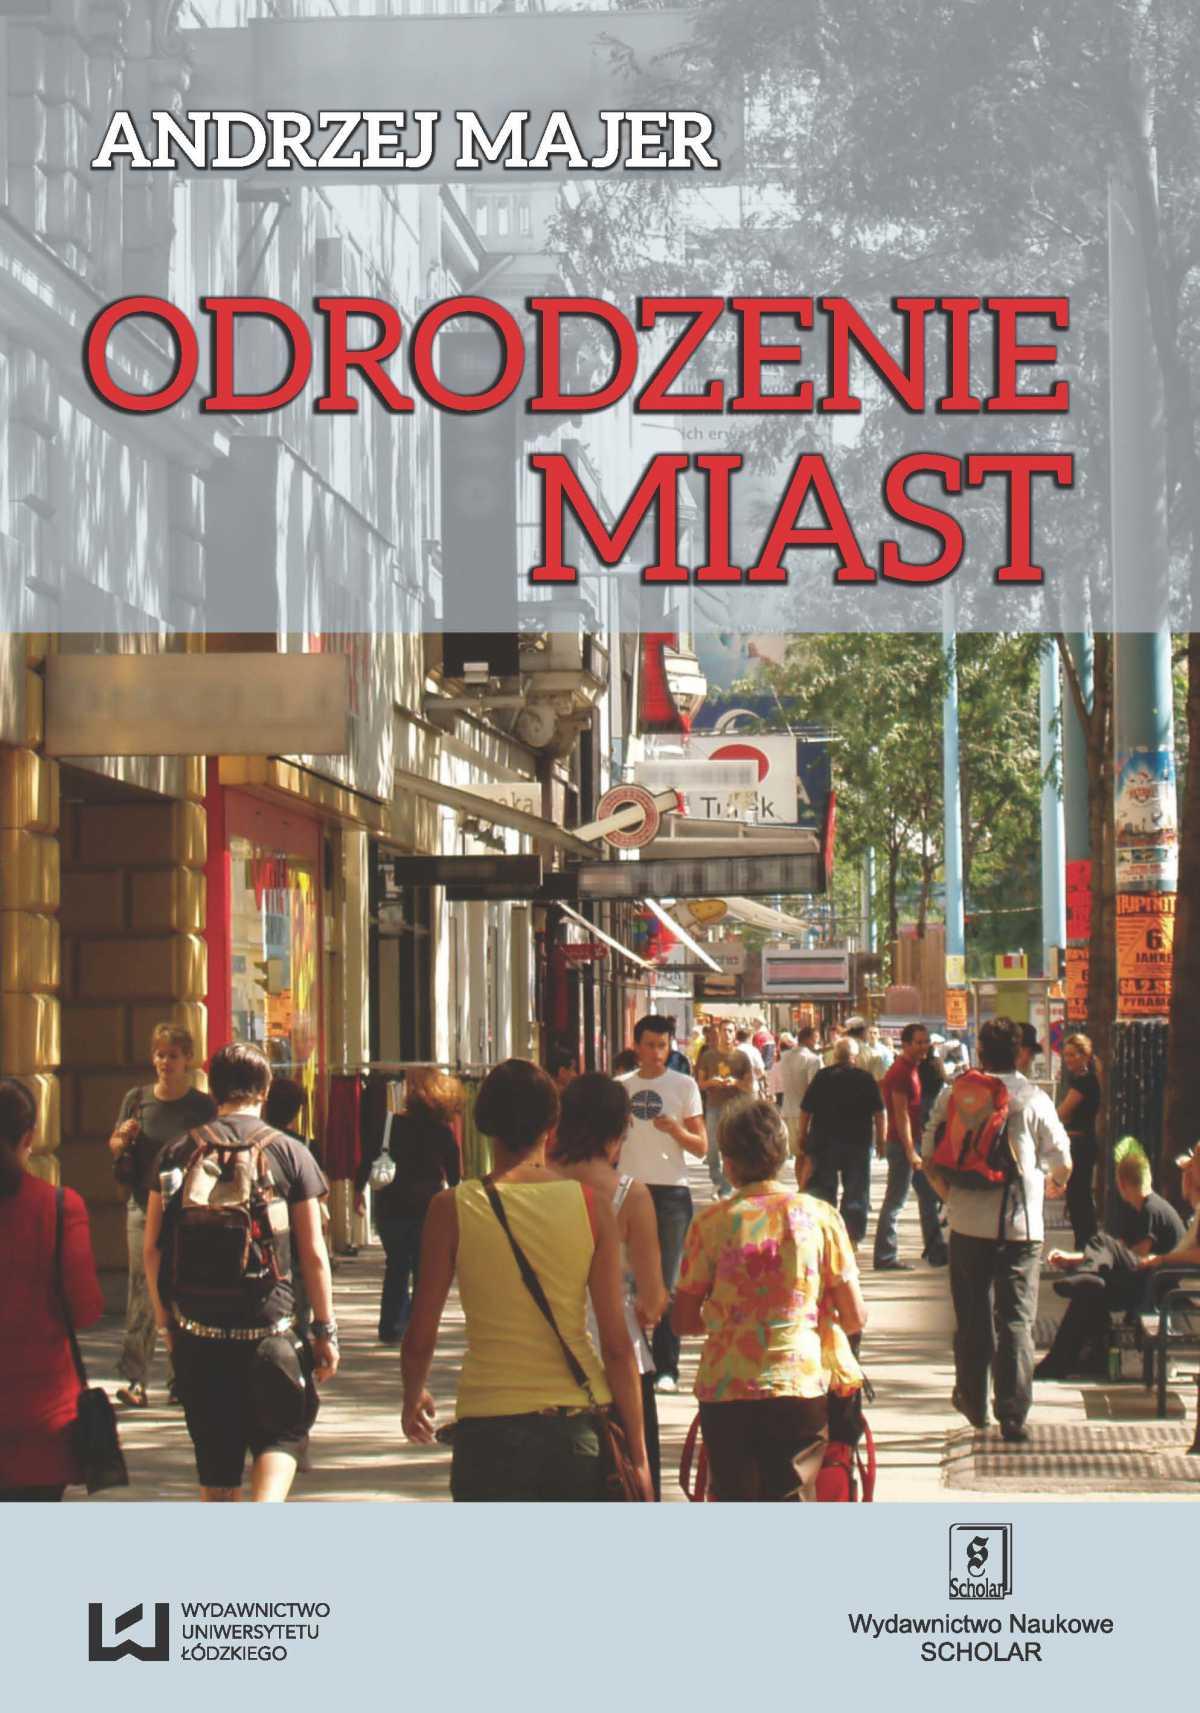 Odrodzenie miast - Ebook (Książka PDF) do pobrania w formacie PDF